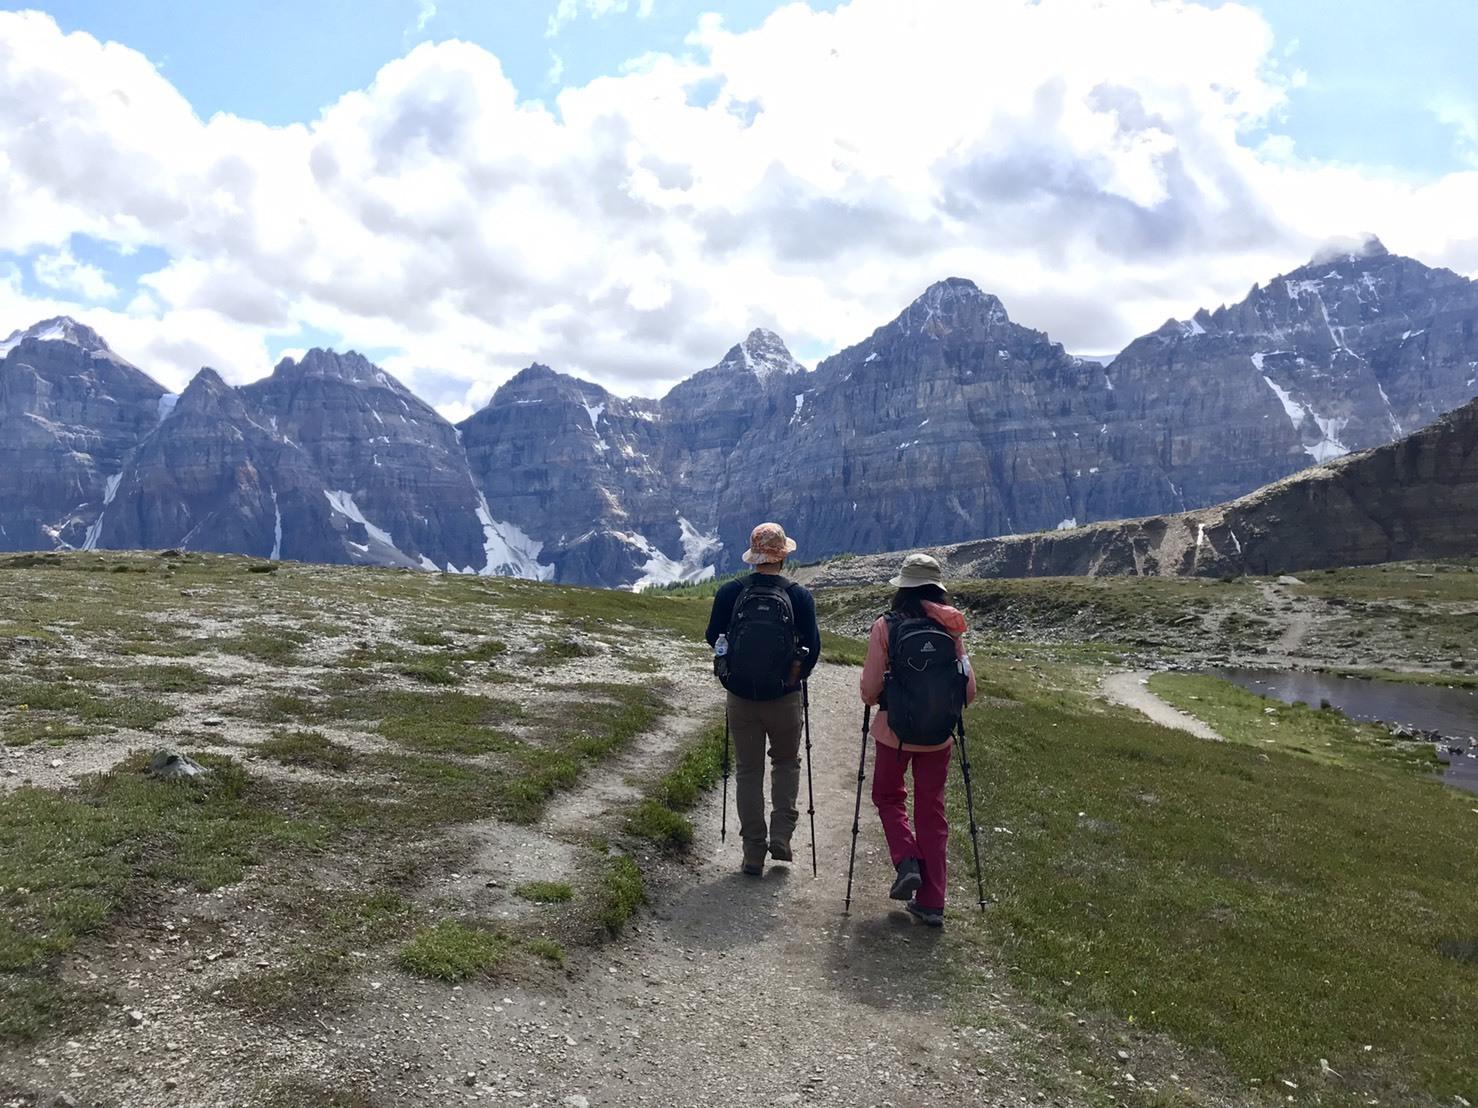 カナダならではの湖と3,000mの山々を求めて_d0112928_11491038.jpg